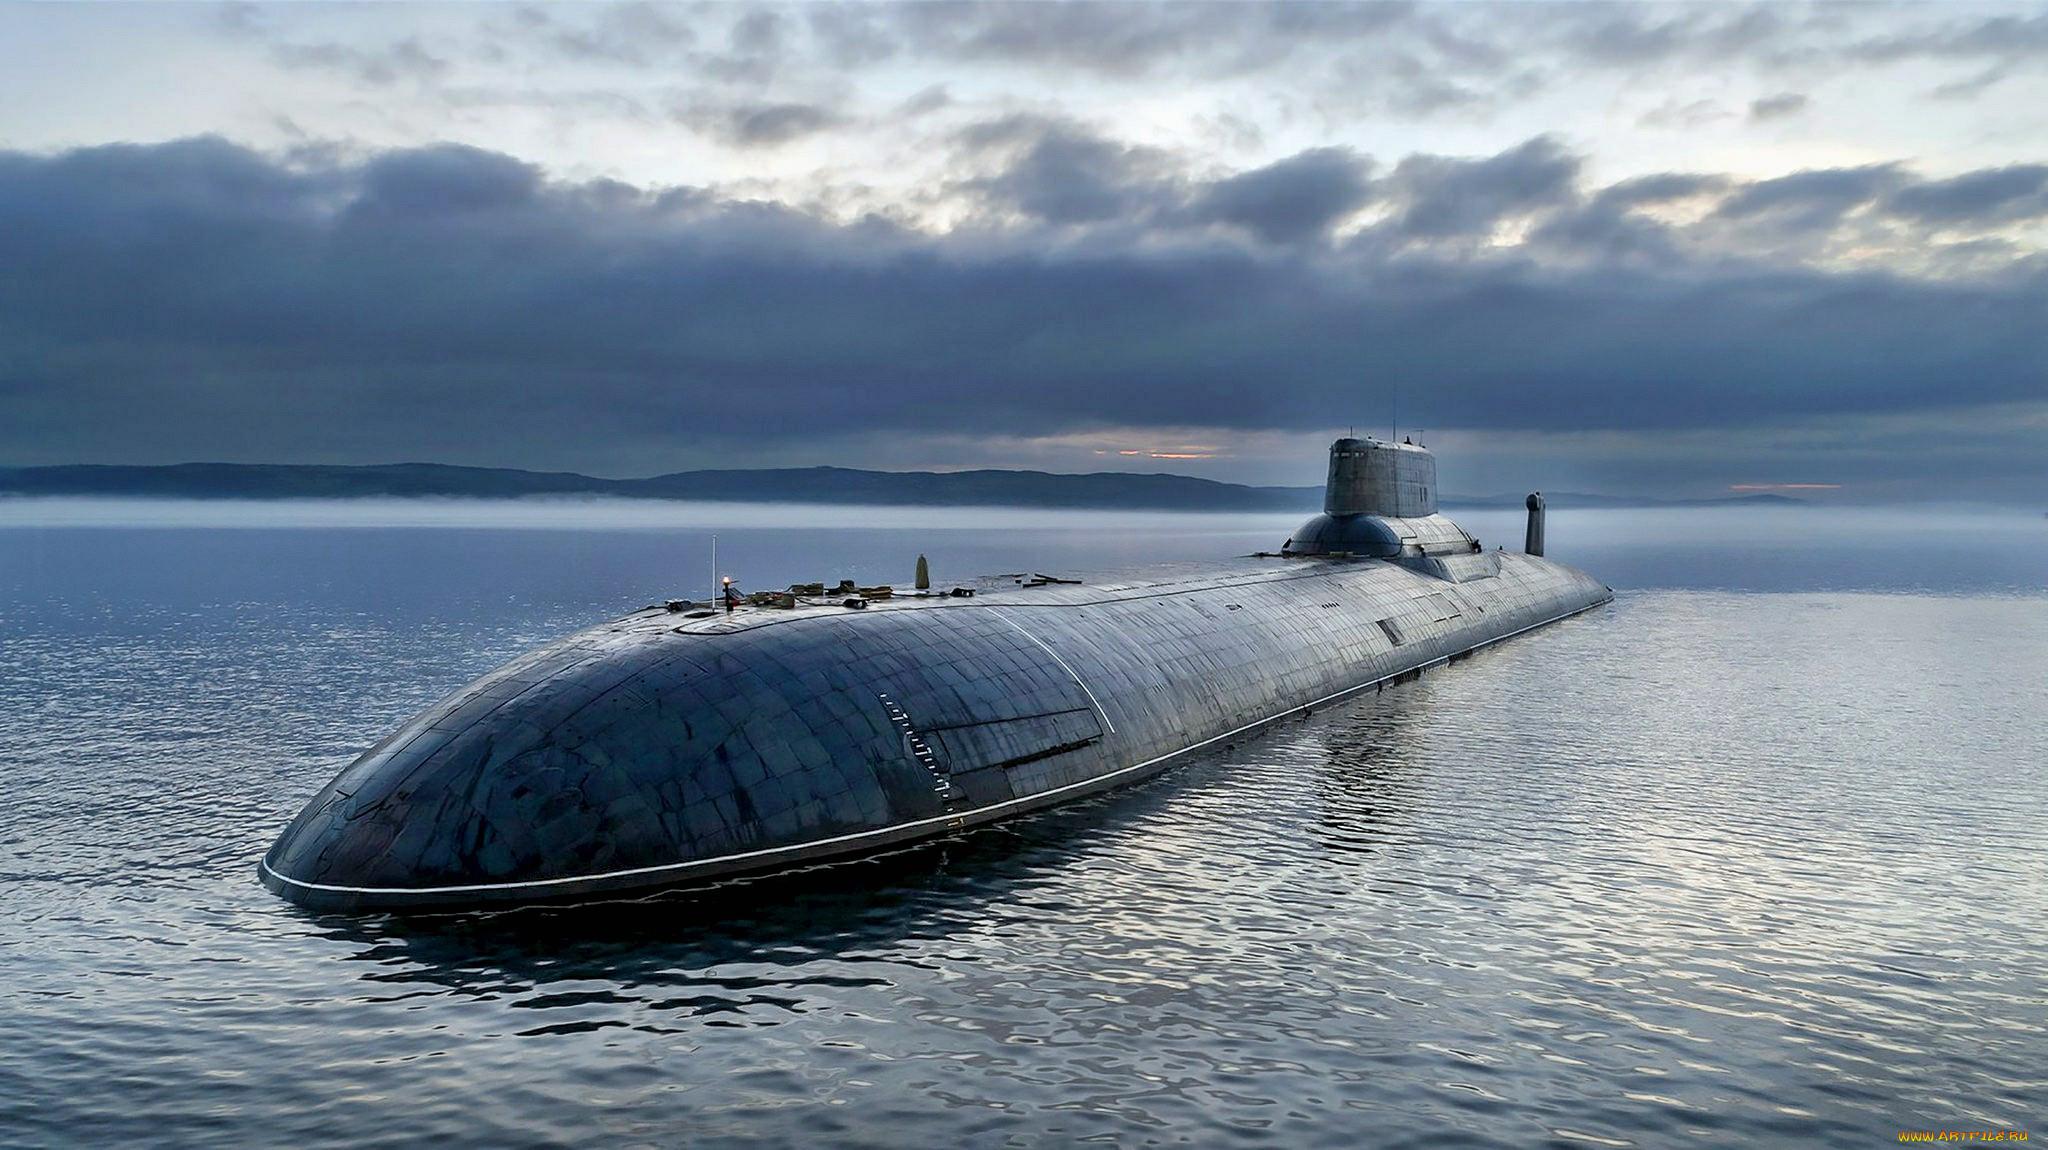 сильнозаморочиться, картинки подводные лодок никто мог ожидать